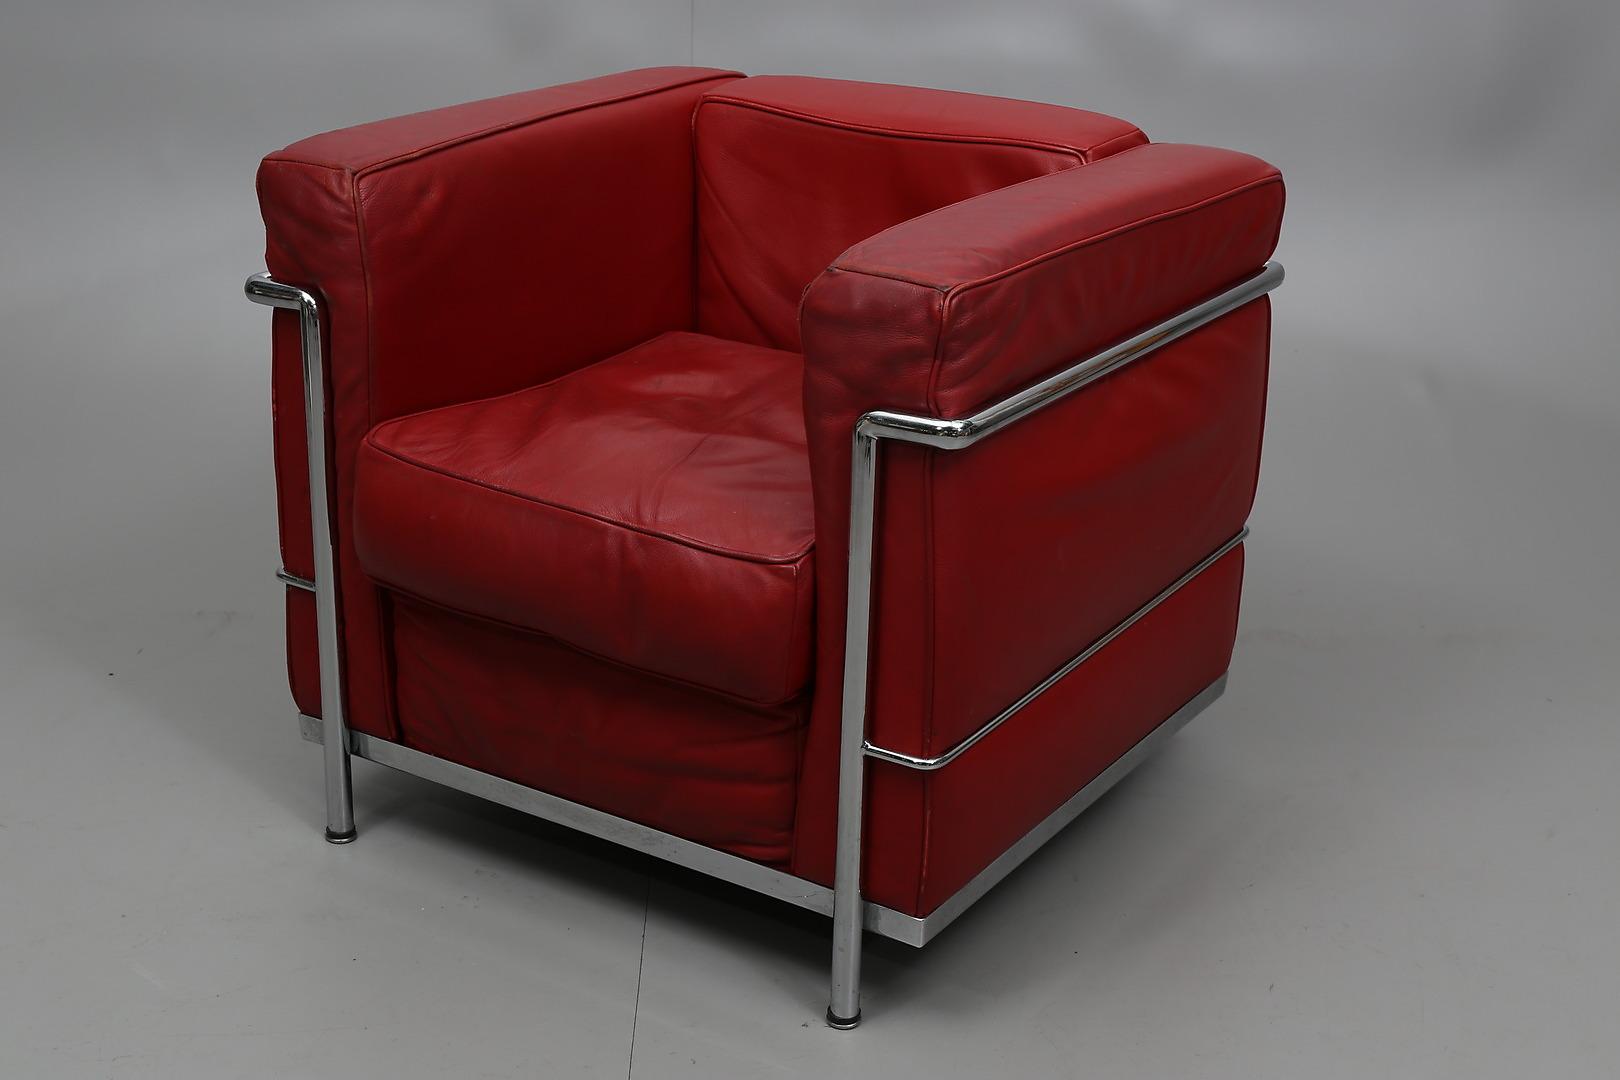 Bilder för 318526 FåTÖLJ Efter Le Corbusier, kopia, stålrör och rött skinn, 1900 talets andra